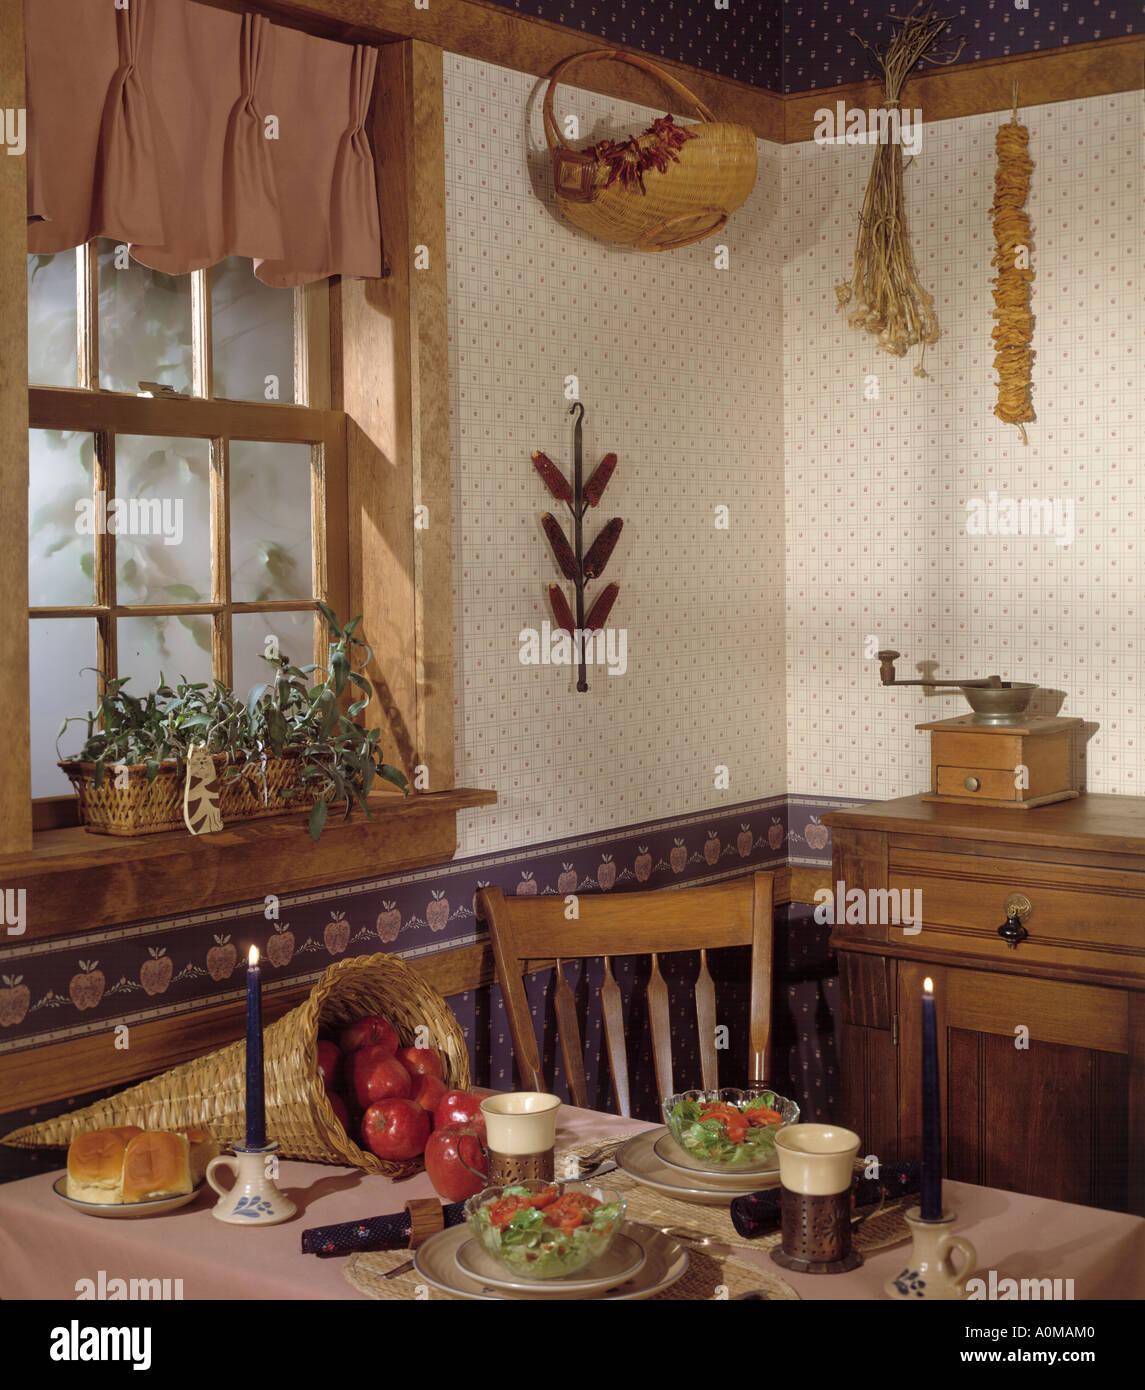 Kitchen room interior dining wallpaper stock photo for Kitchen dining room wallpaper